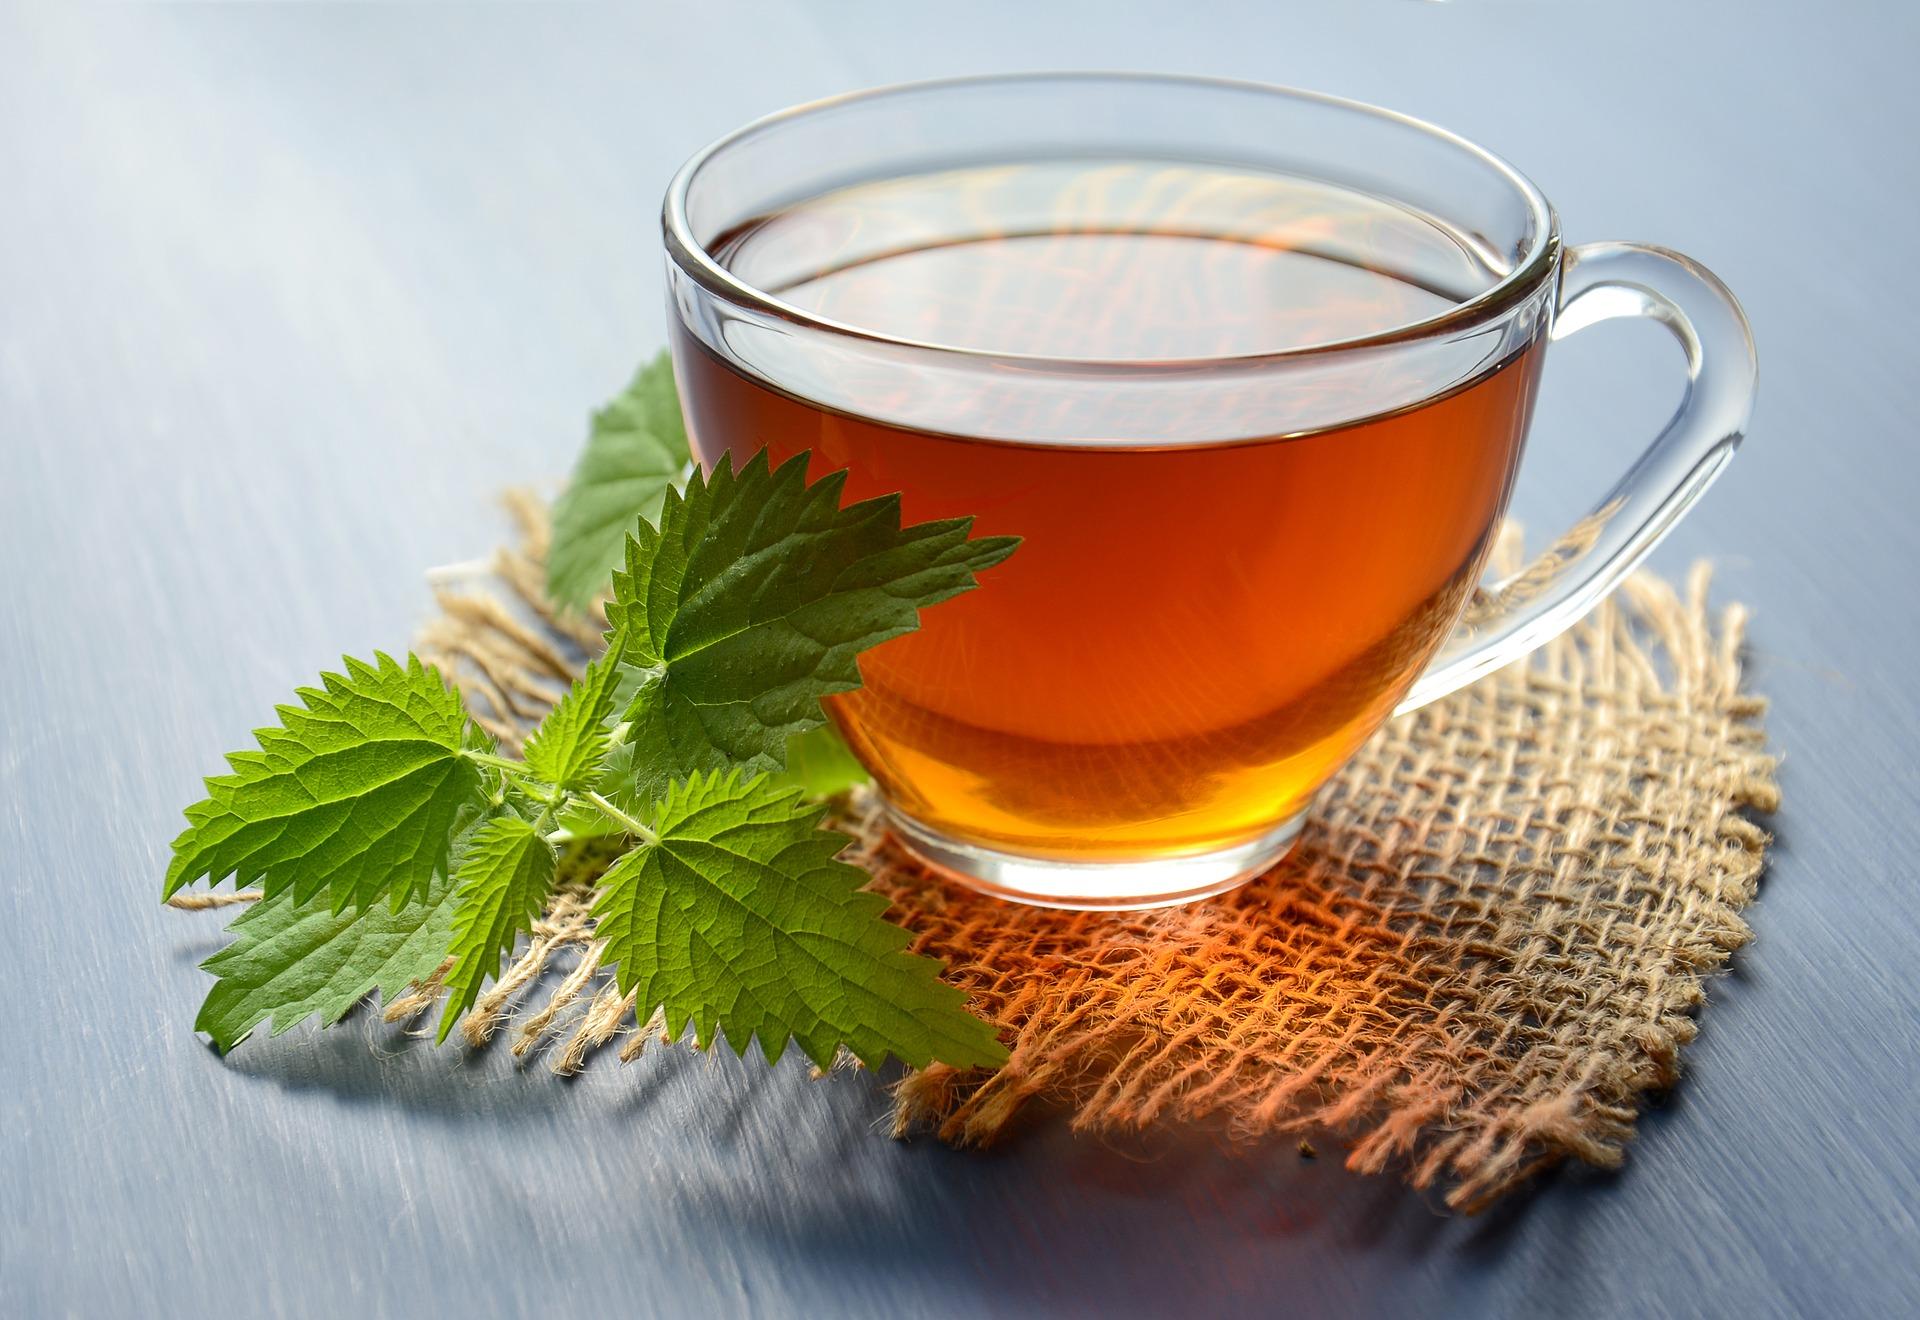 Manchmal kann schon ein Ayurveda-Tee kleine Beschwerden zum Verschwinden bringen